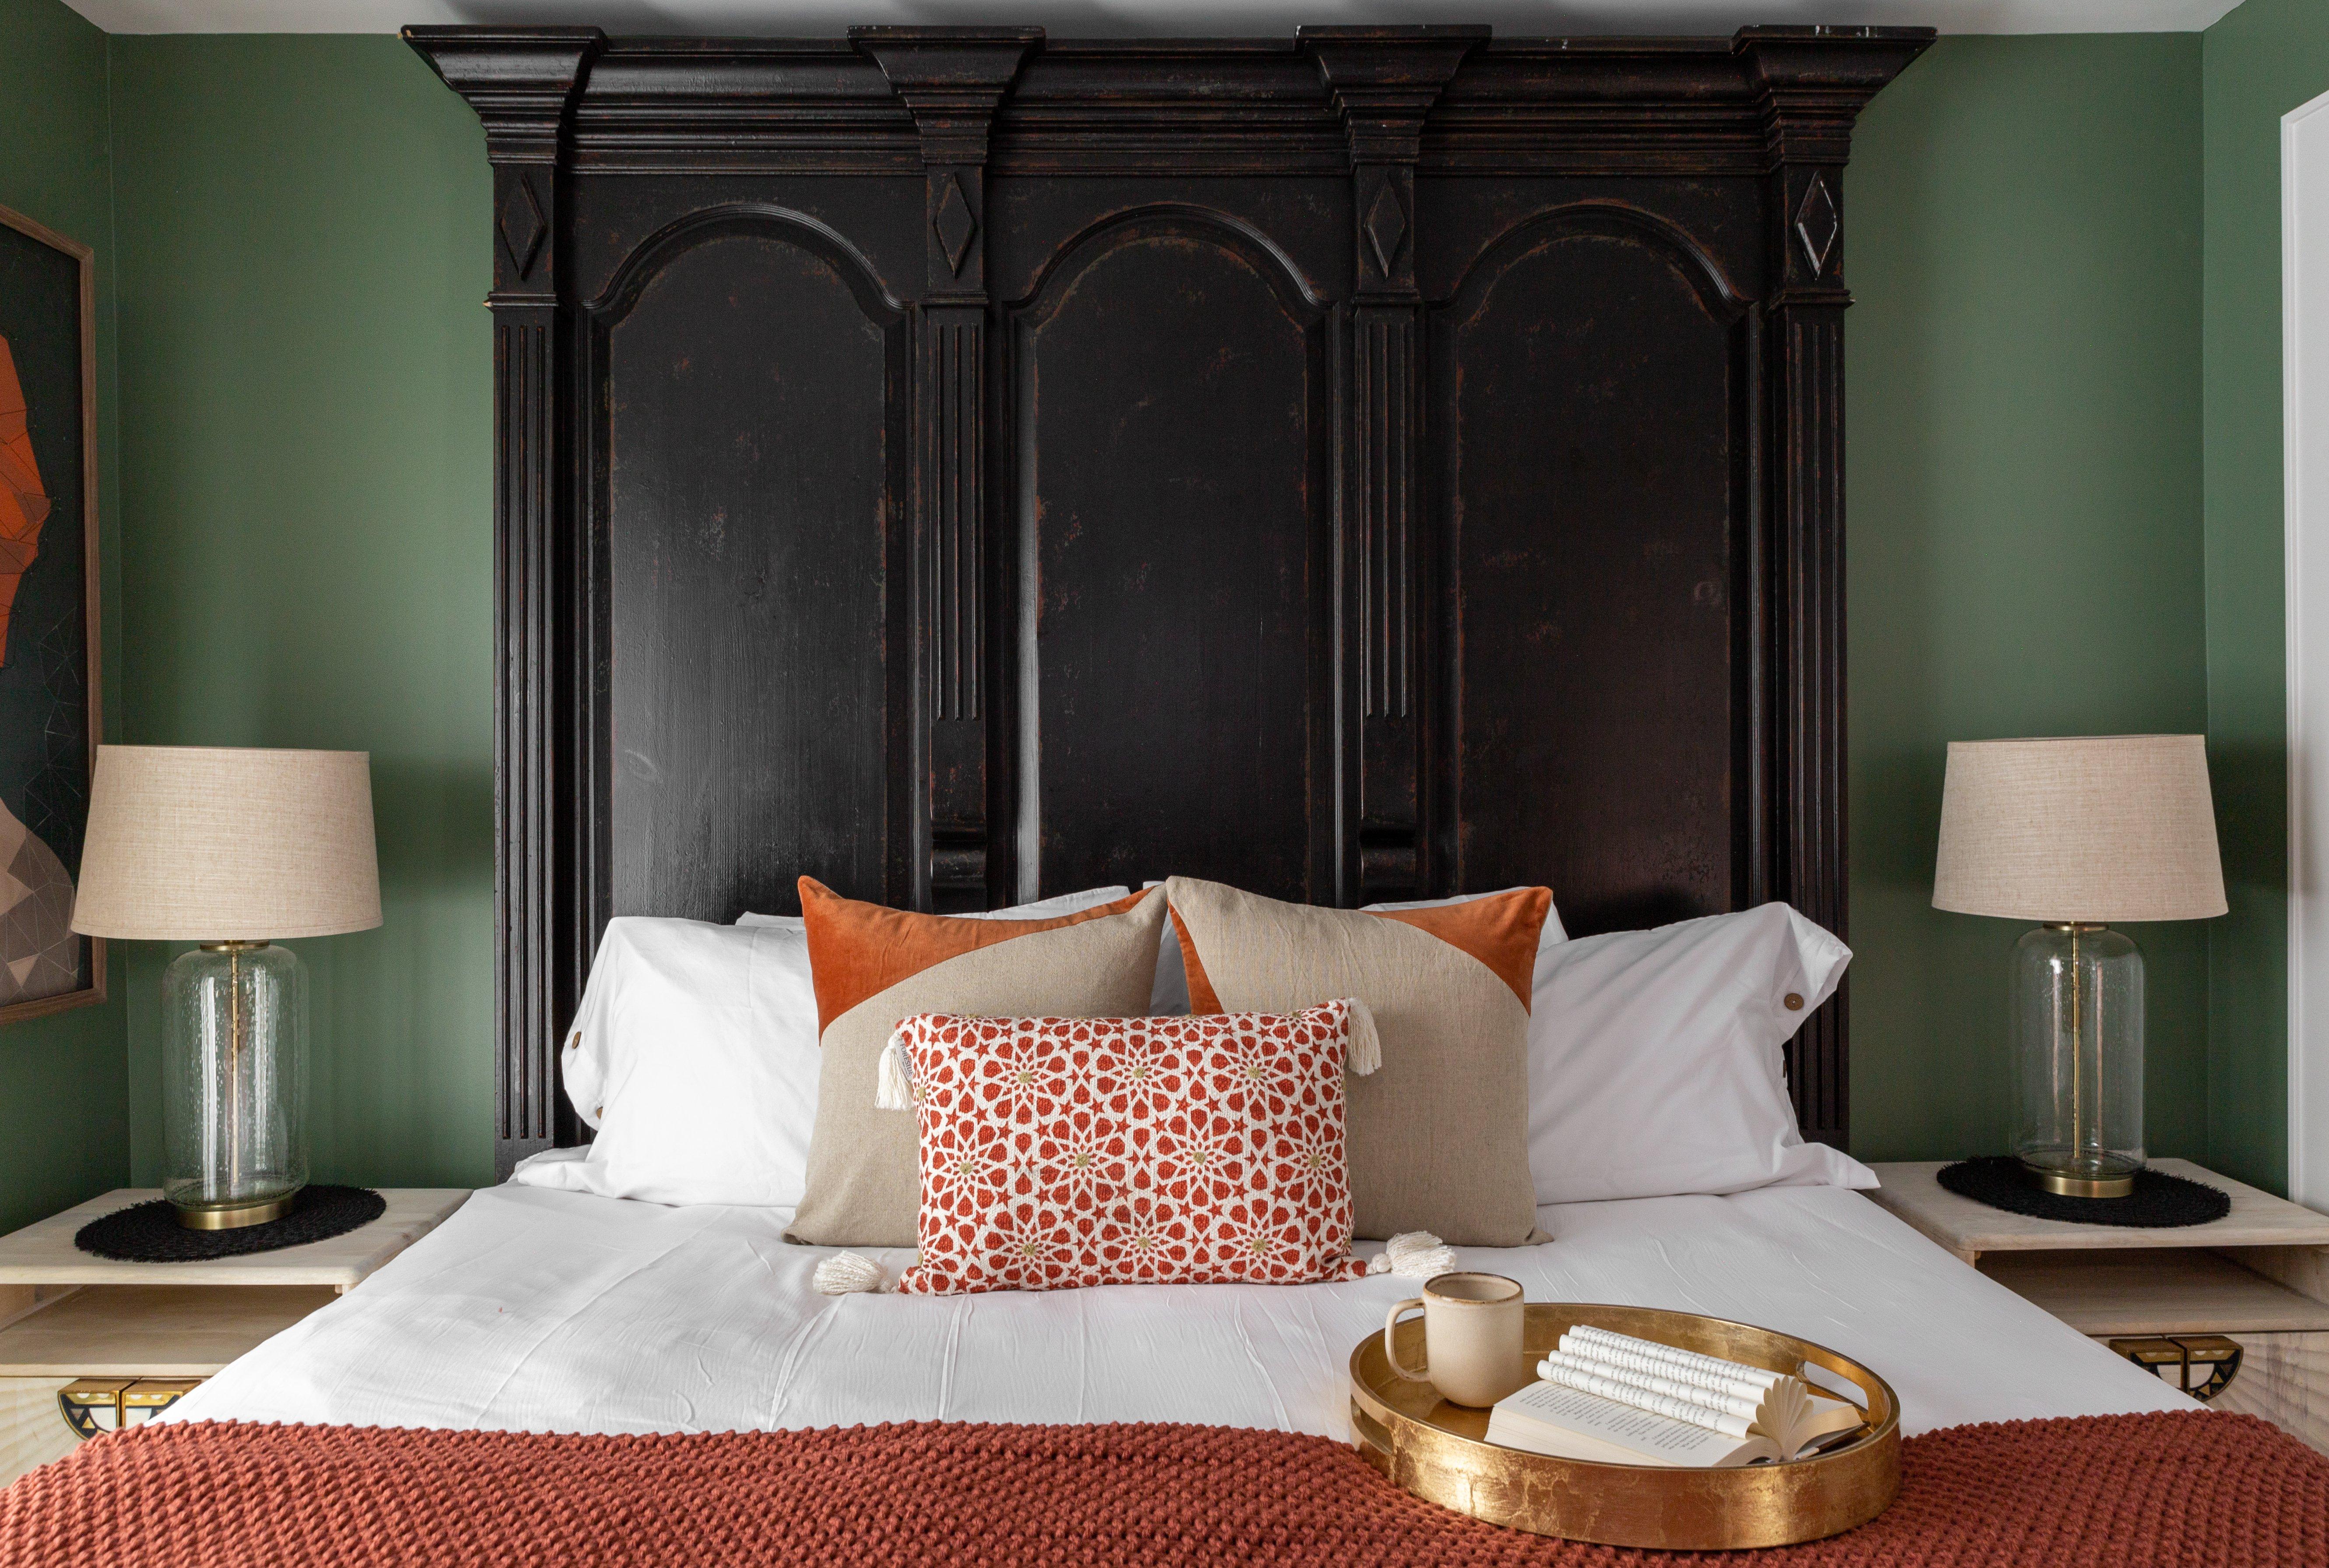 25 bedroom 2 20210721-IMG_0394-HDR.jpg